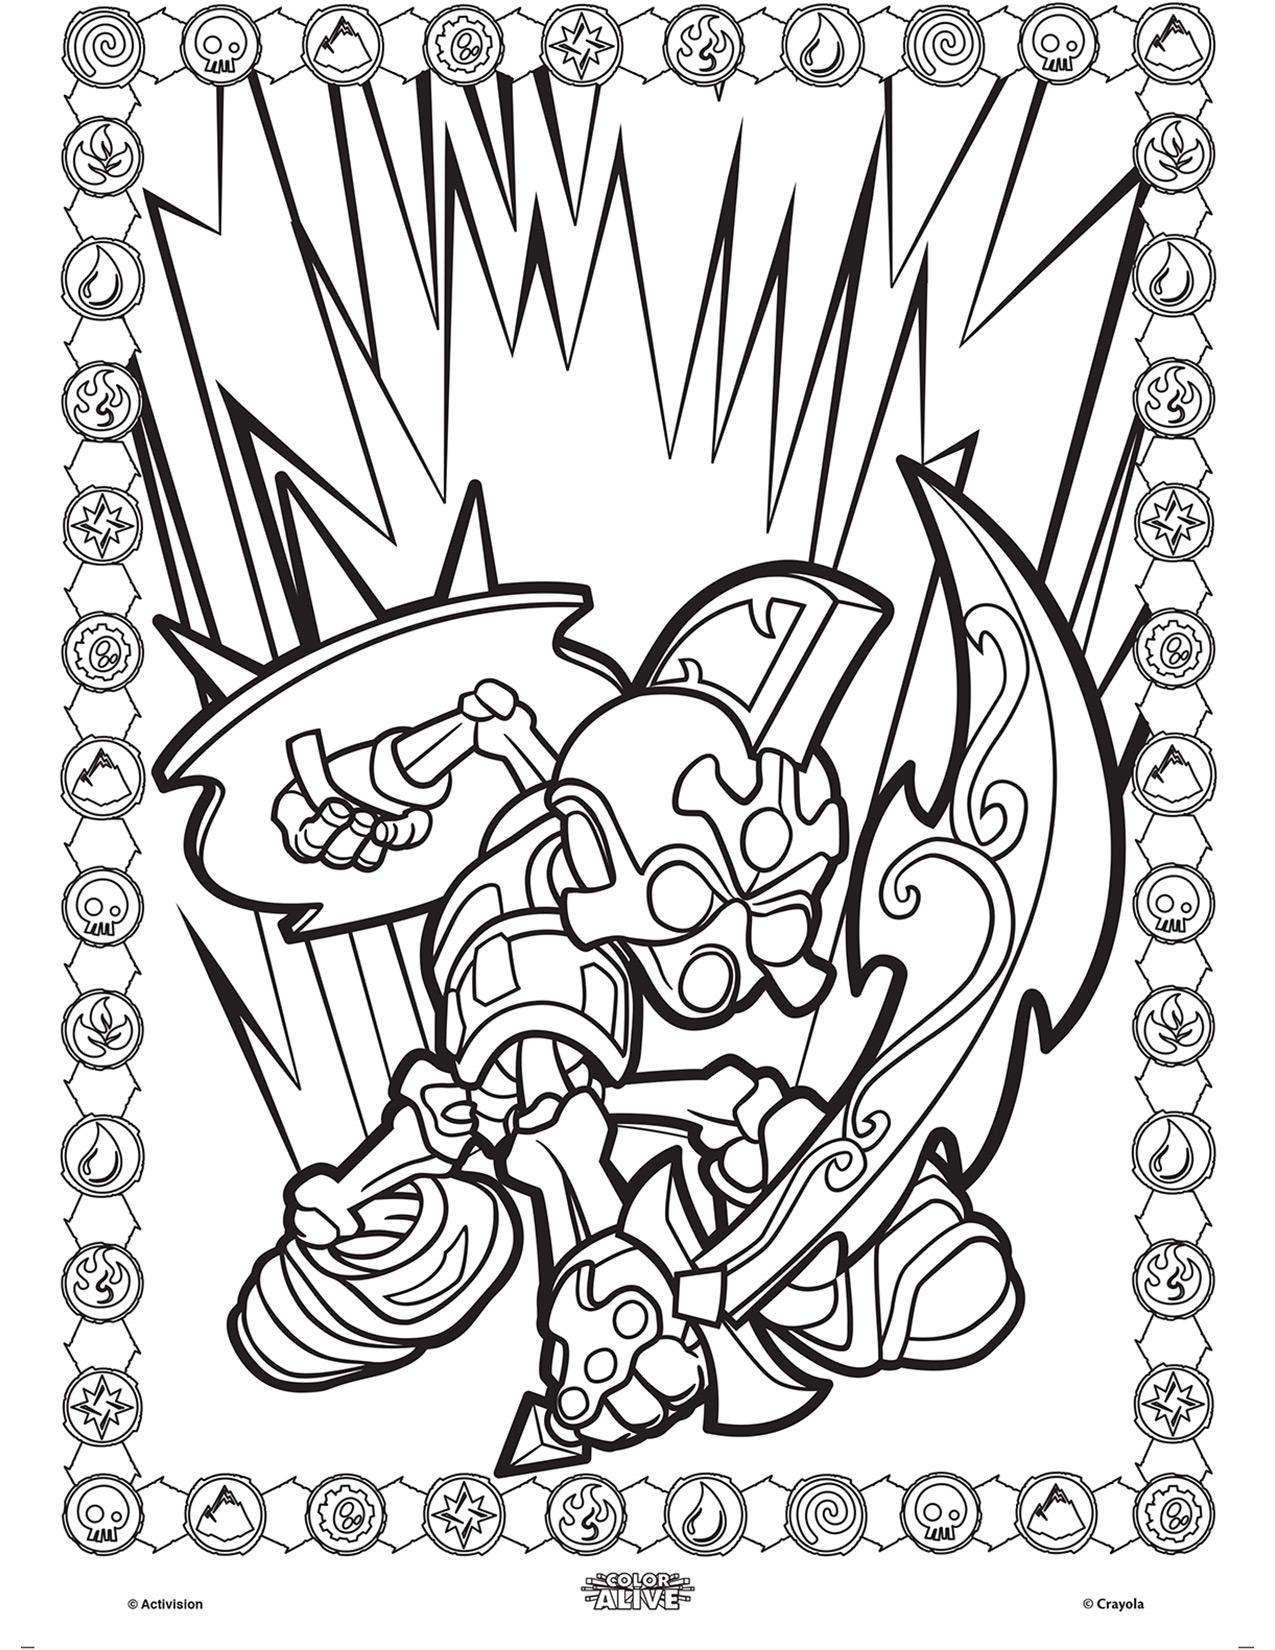 Skylanders Chop Chop Coloring Page